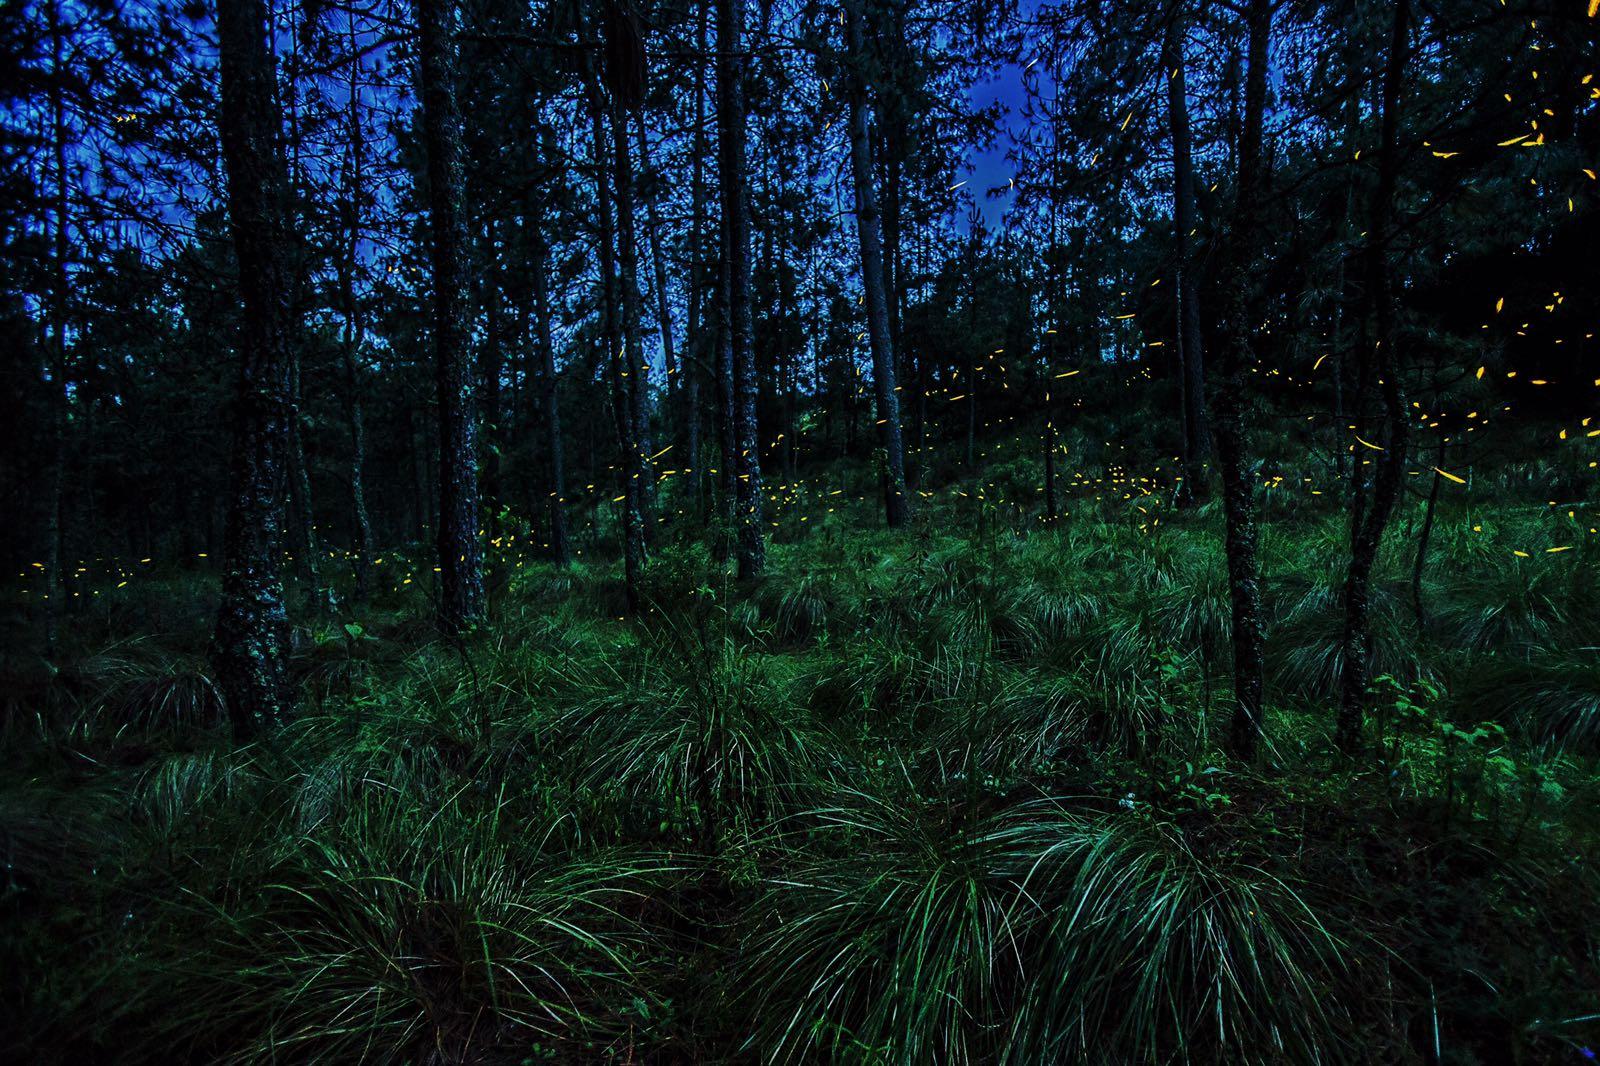 Ilumina tus vacaciones en el santuario de las luci rnagas for Espectaculo de luciernagas en tlaxcala